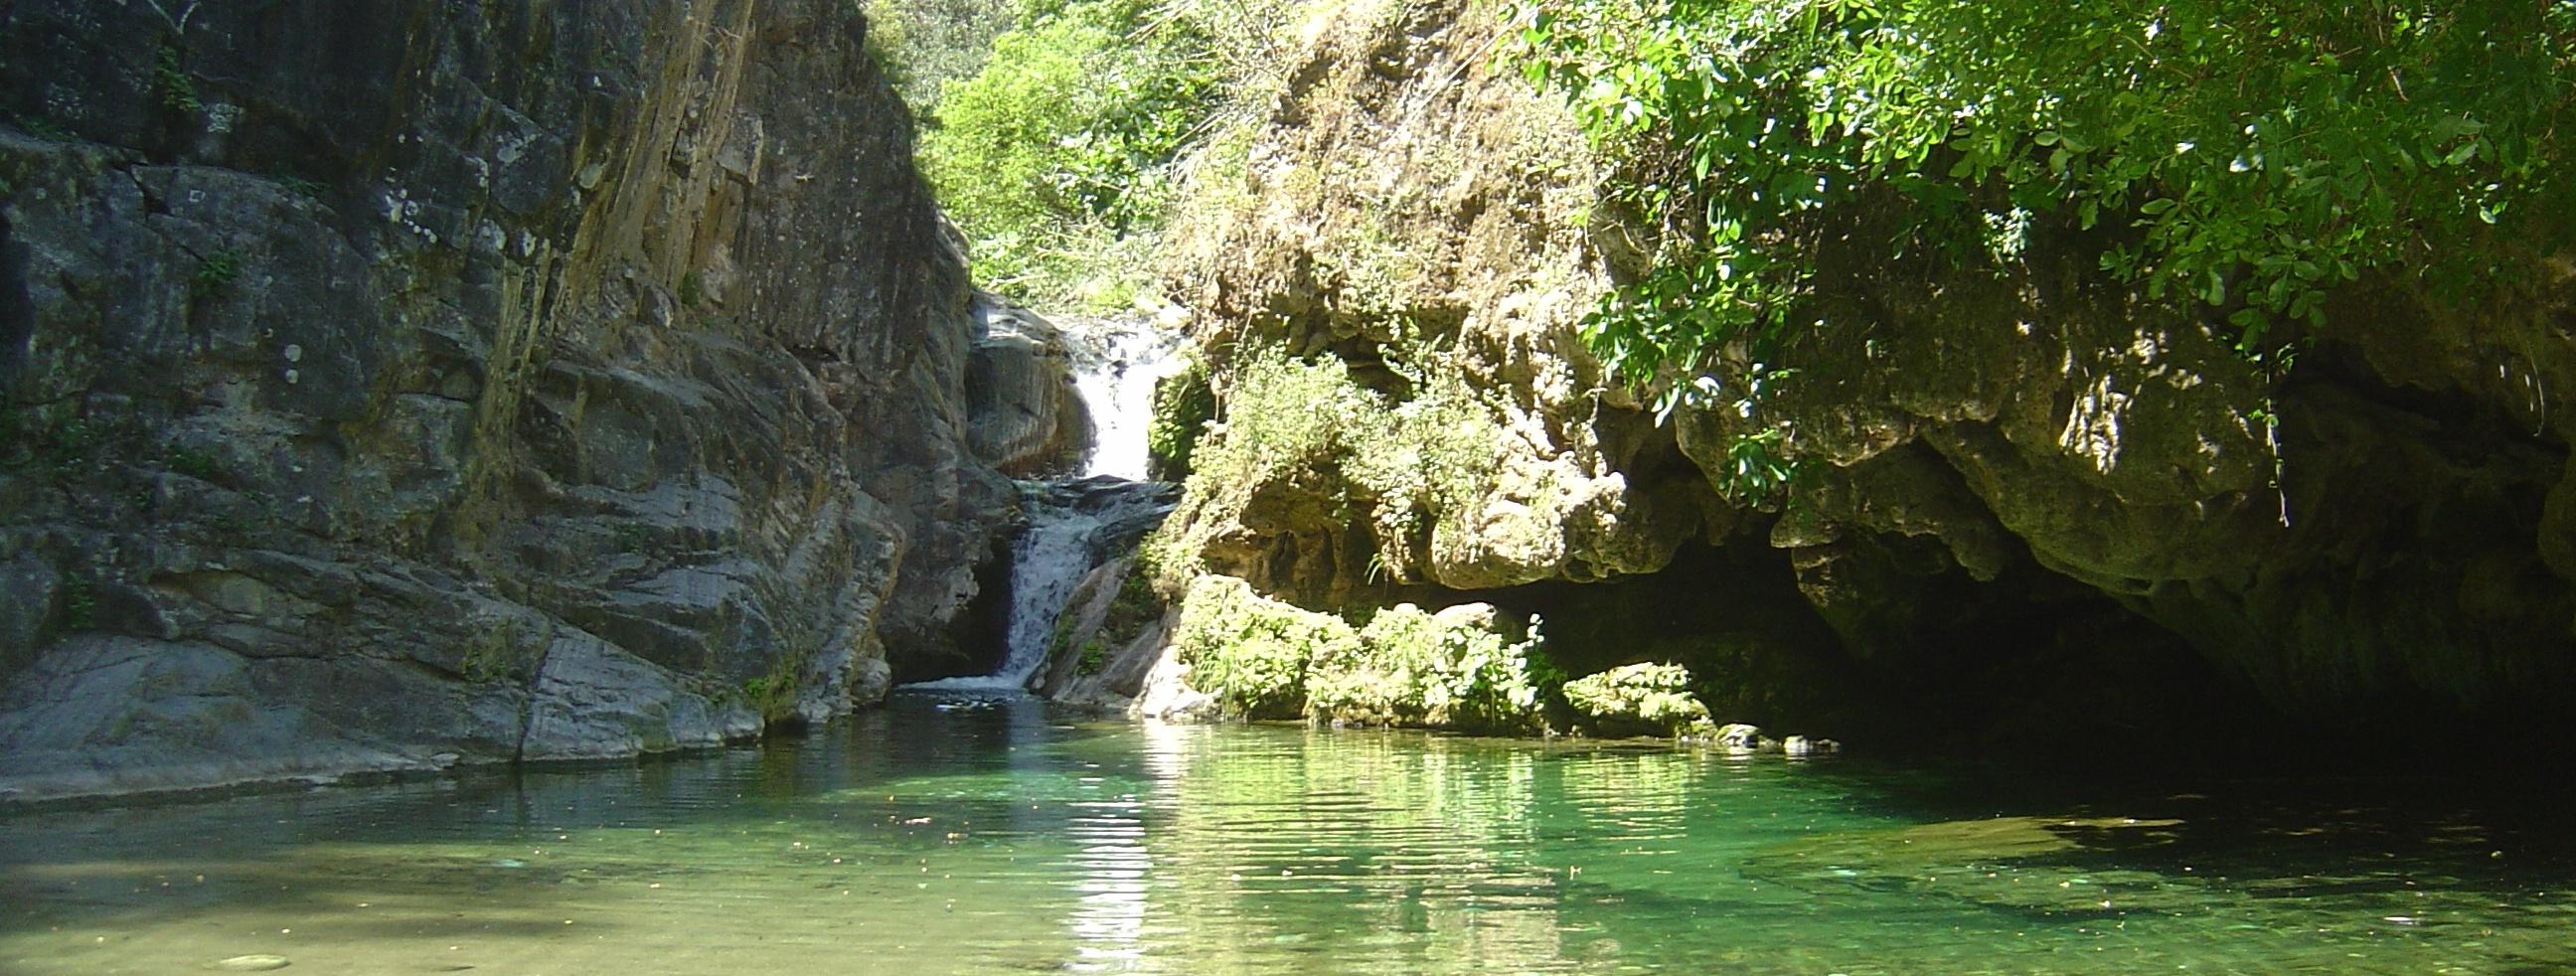 Barranco-Blanco-Caudal-fluyente-del-río-Alaminos